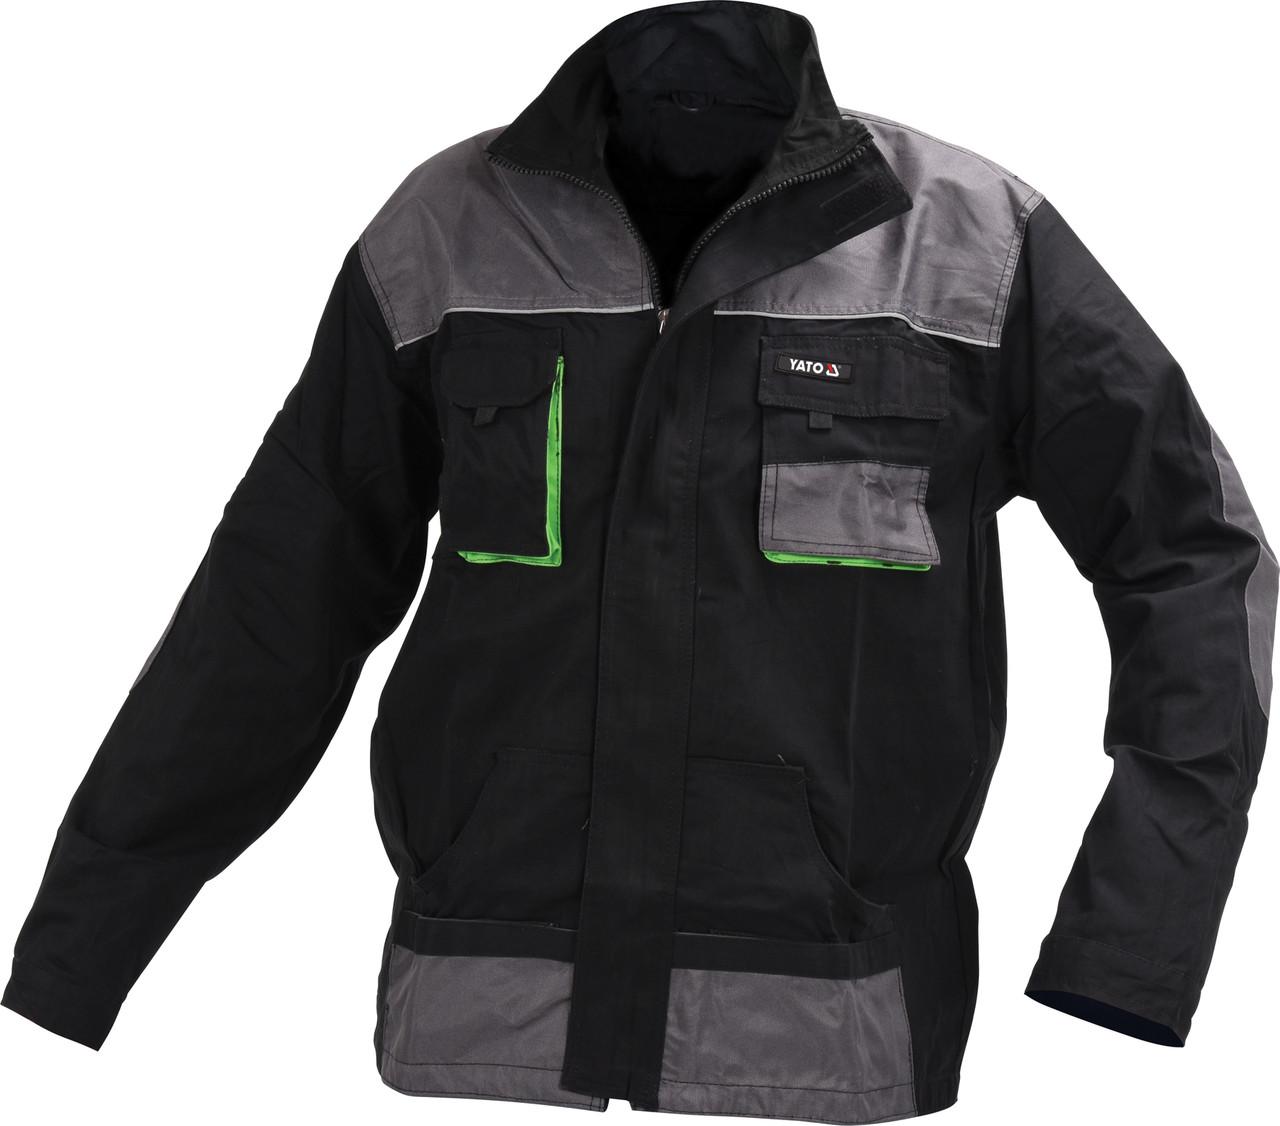 Робоча куртка YATO YT-80161 розмір L/XL